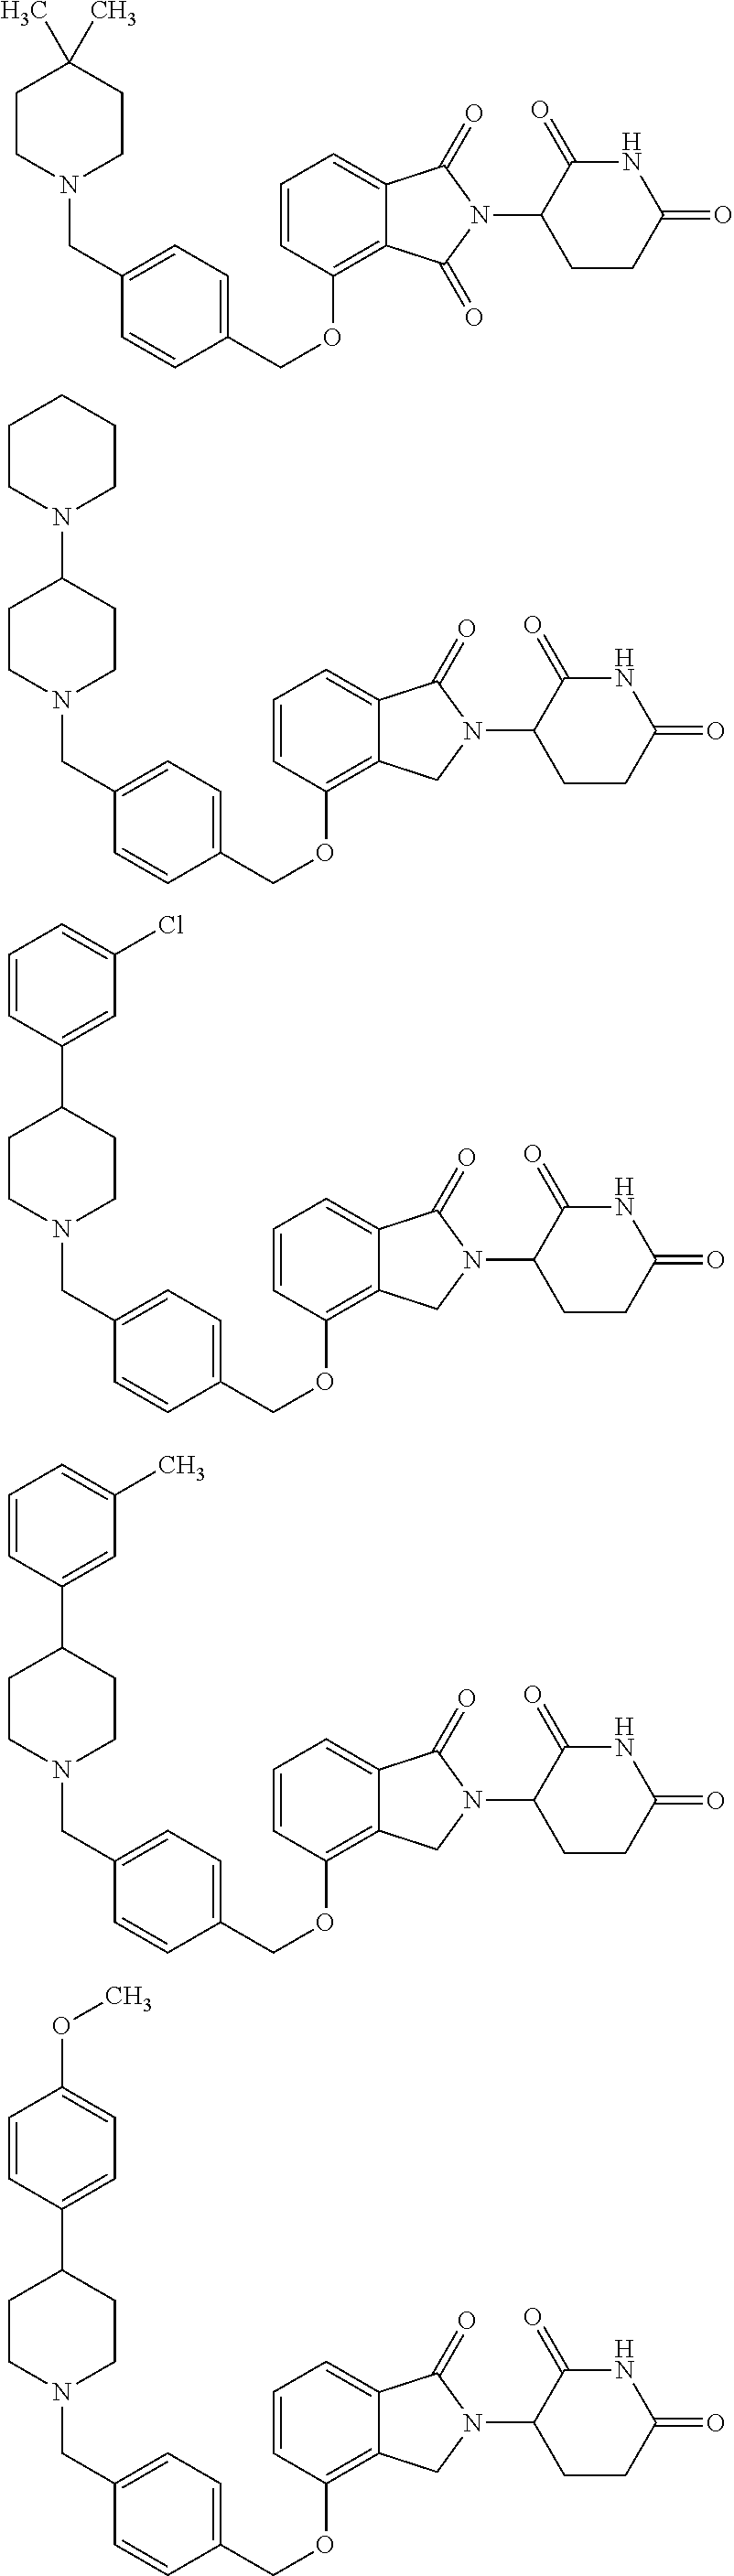 Figure US09822094-20171121-C00044